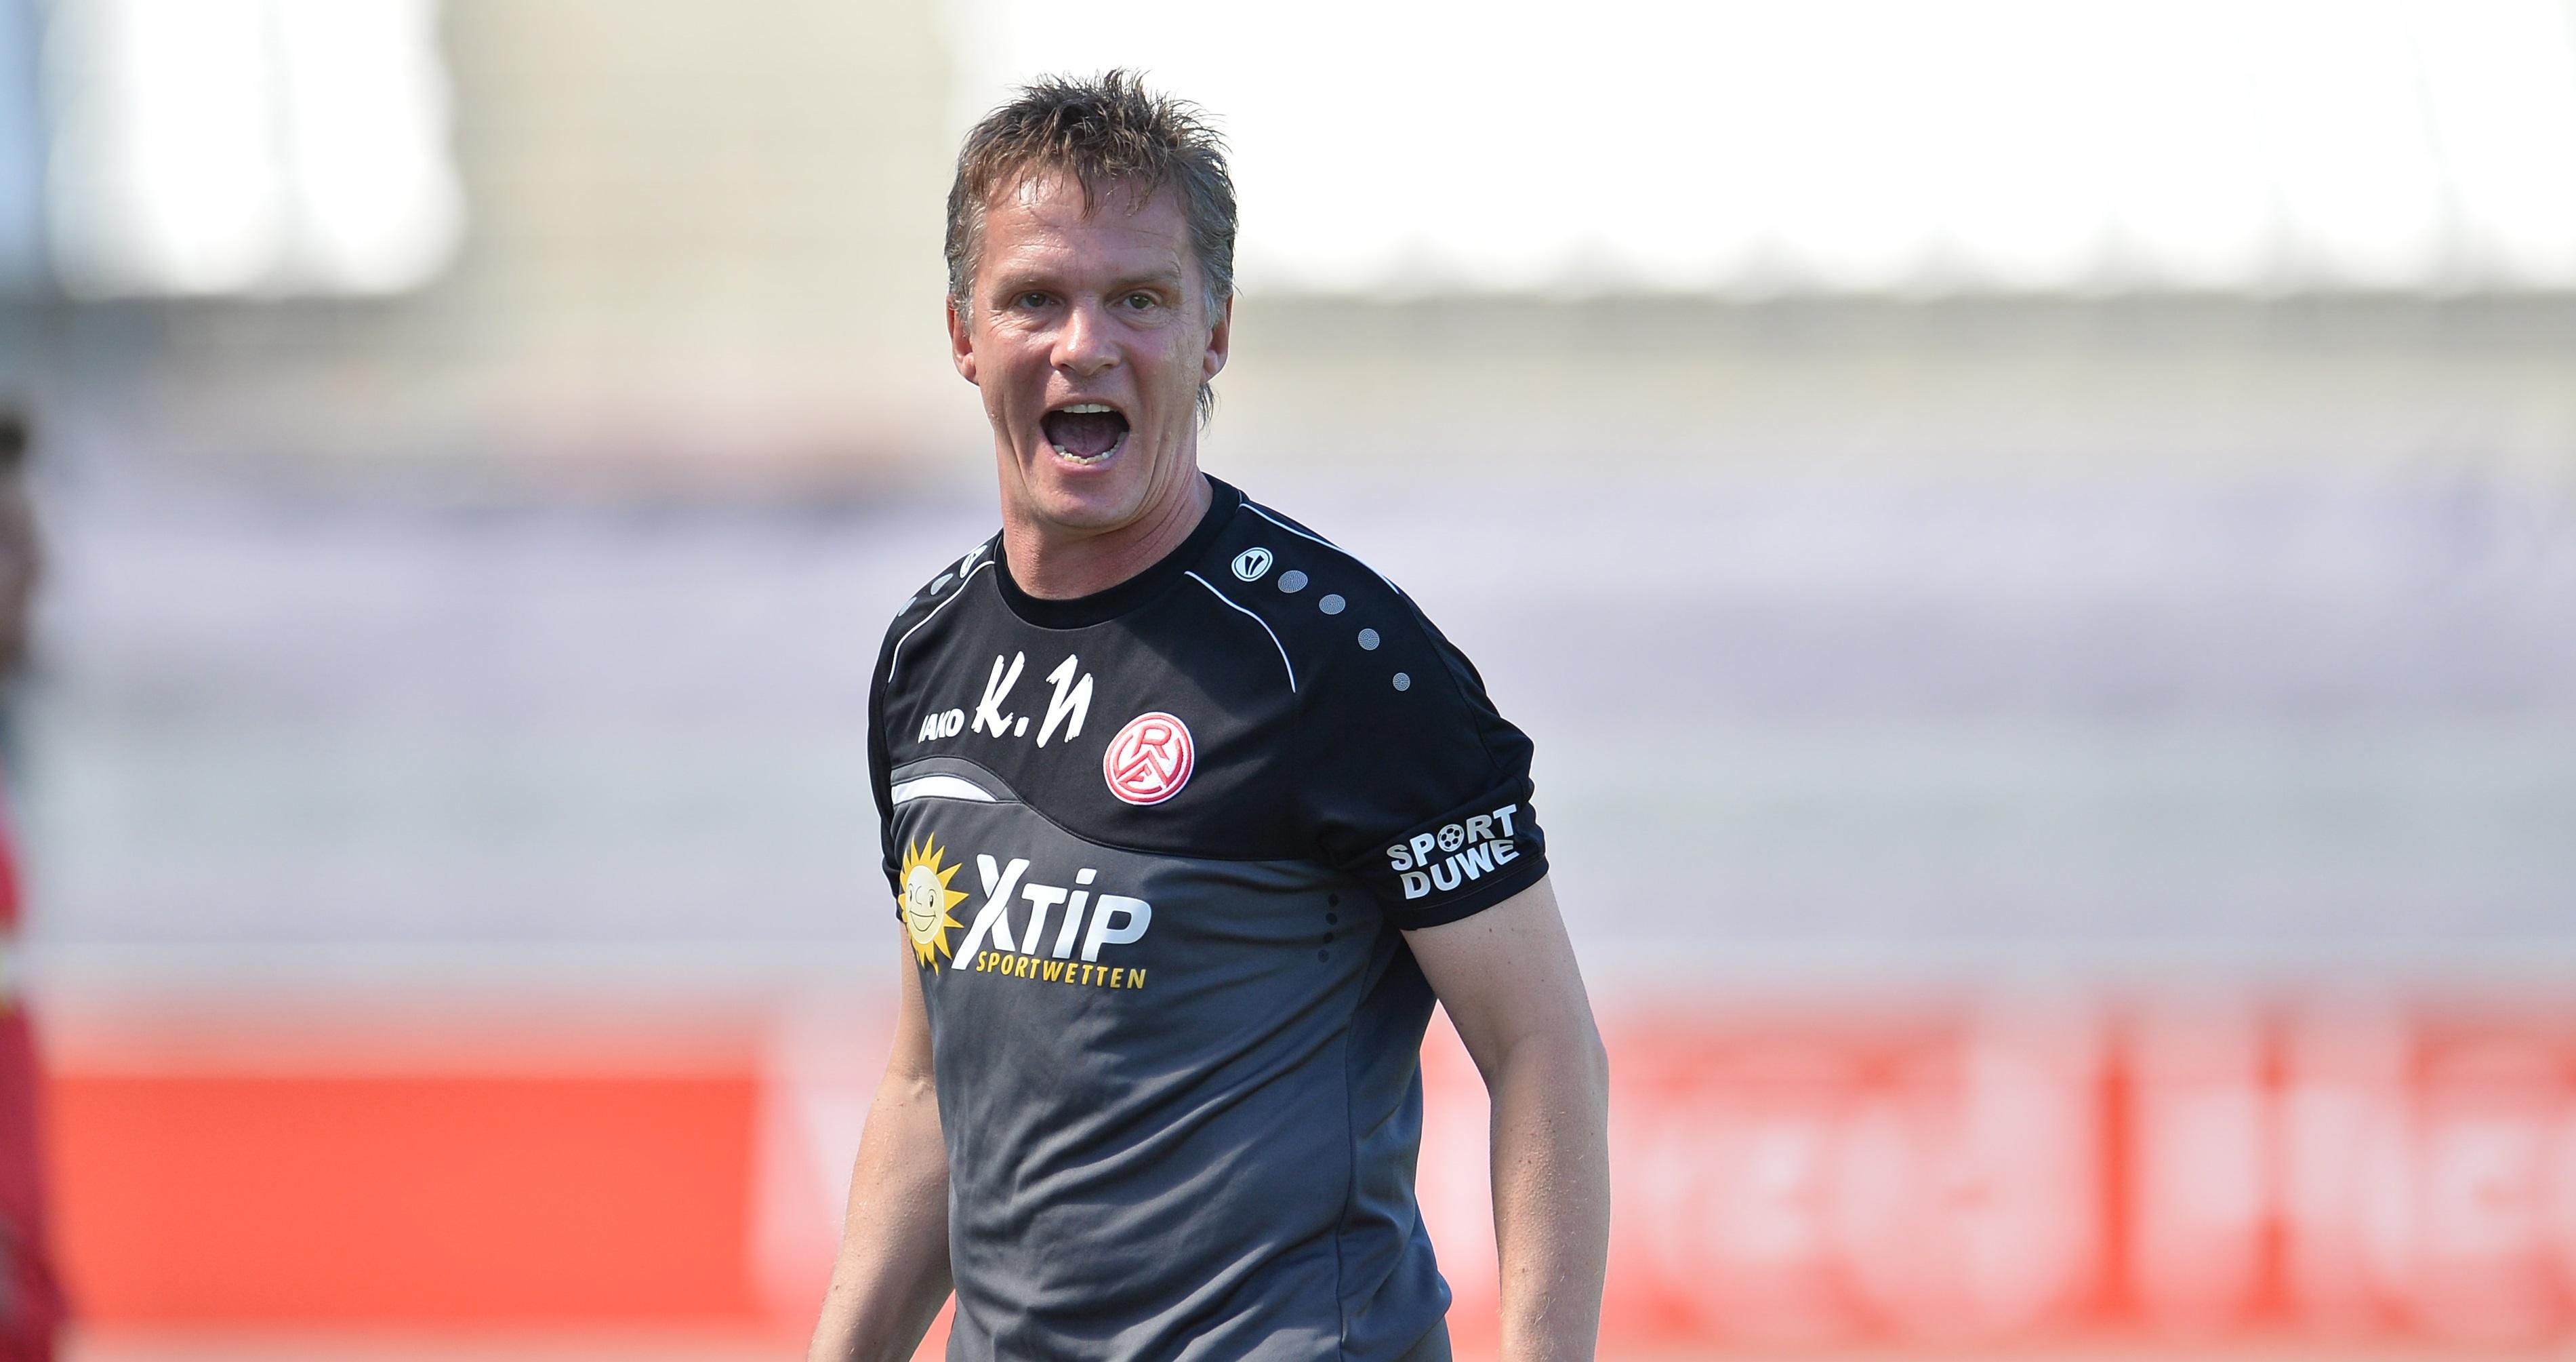 Karsten Neitzel lässt seine Mannschaft ein paar Tage früher zum Trainingsauftakt antreten. (Foto: Tillmann)